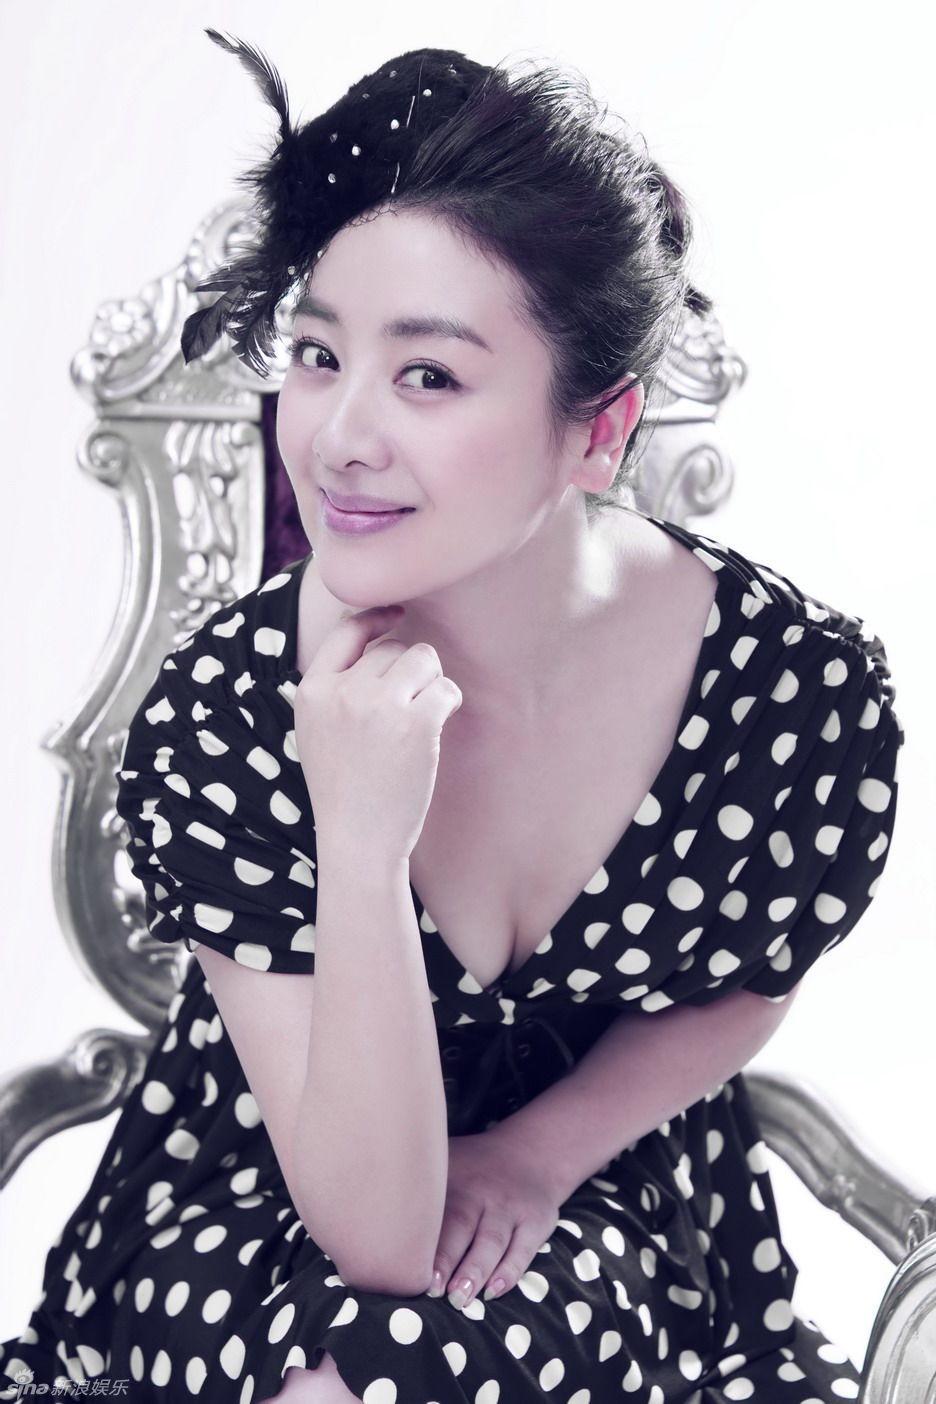 小李琳拍写真 显成熟优雅女人味